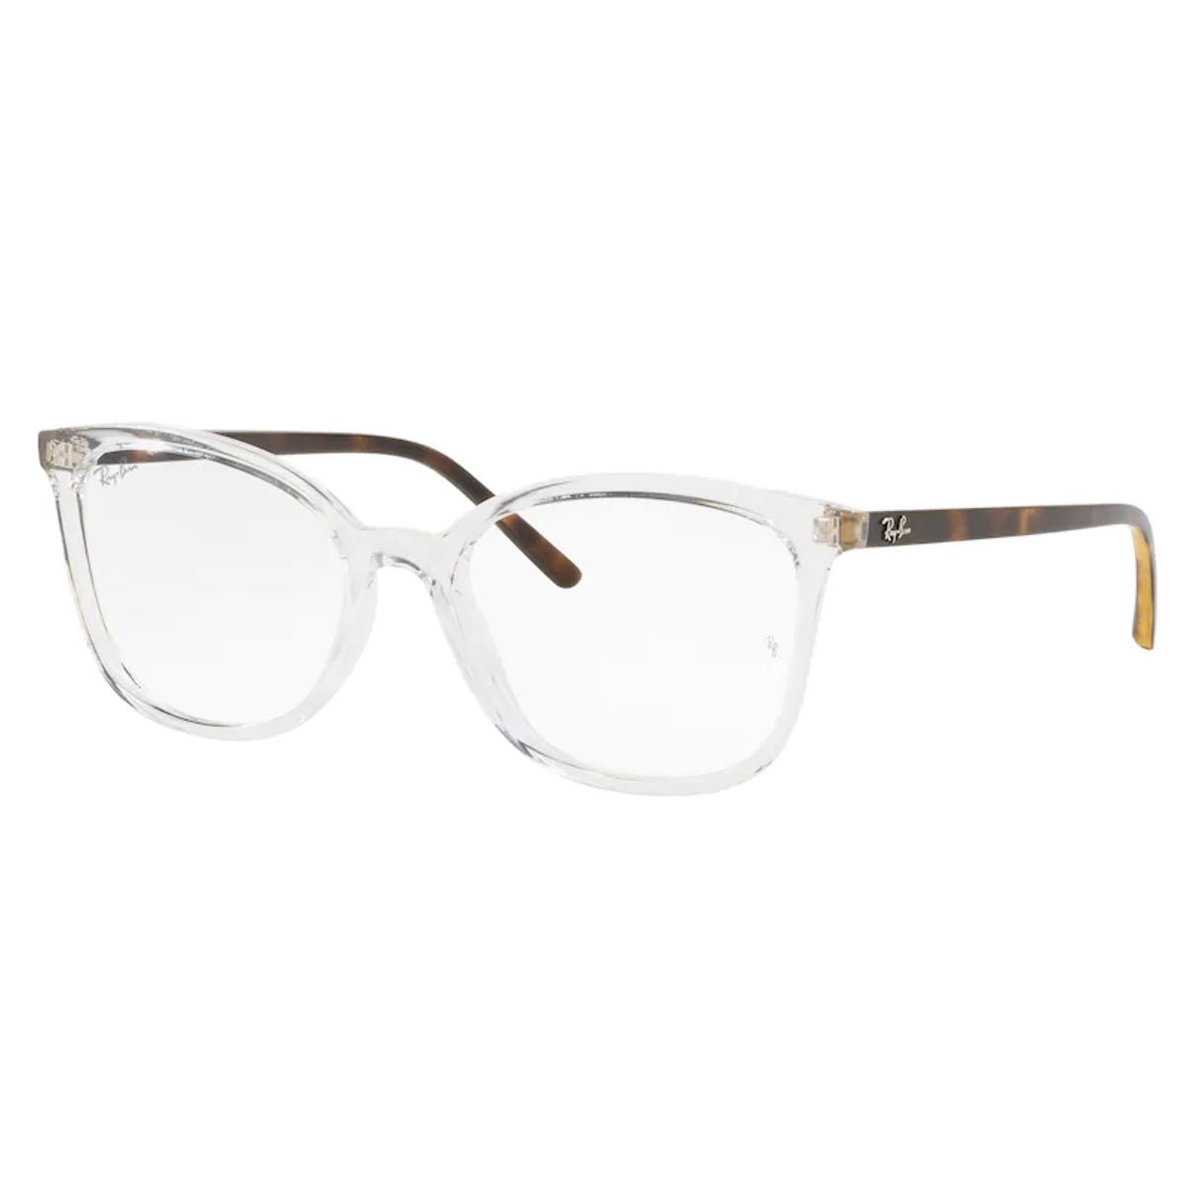 Óculos de Grau RayBan RX7189L Transparente com Marrom Havana